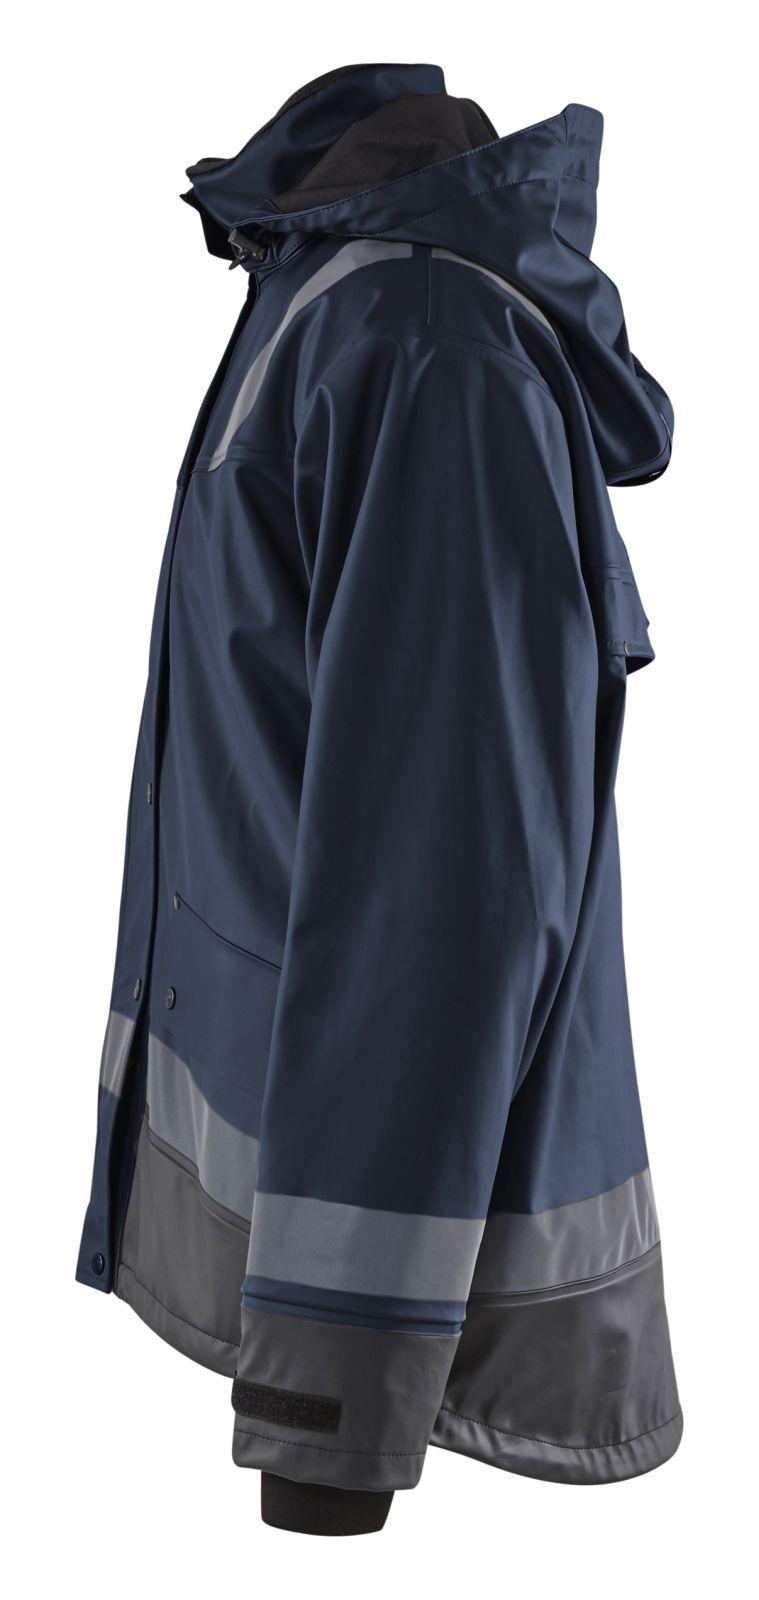 Blaklader Jassen 43222003 donker marineblauw-zwart(8699)